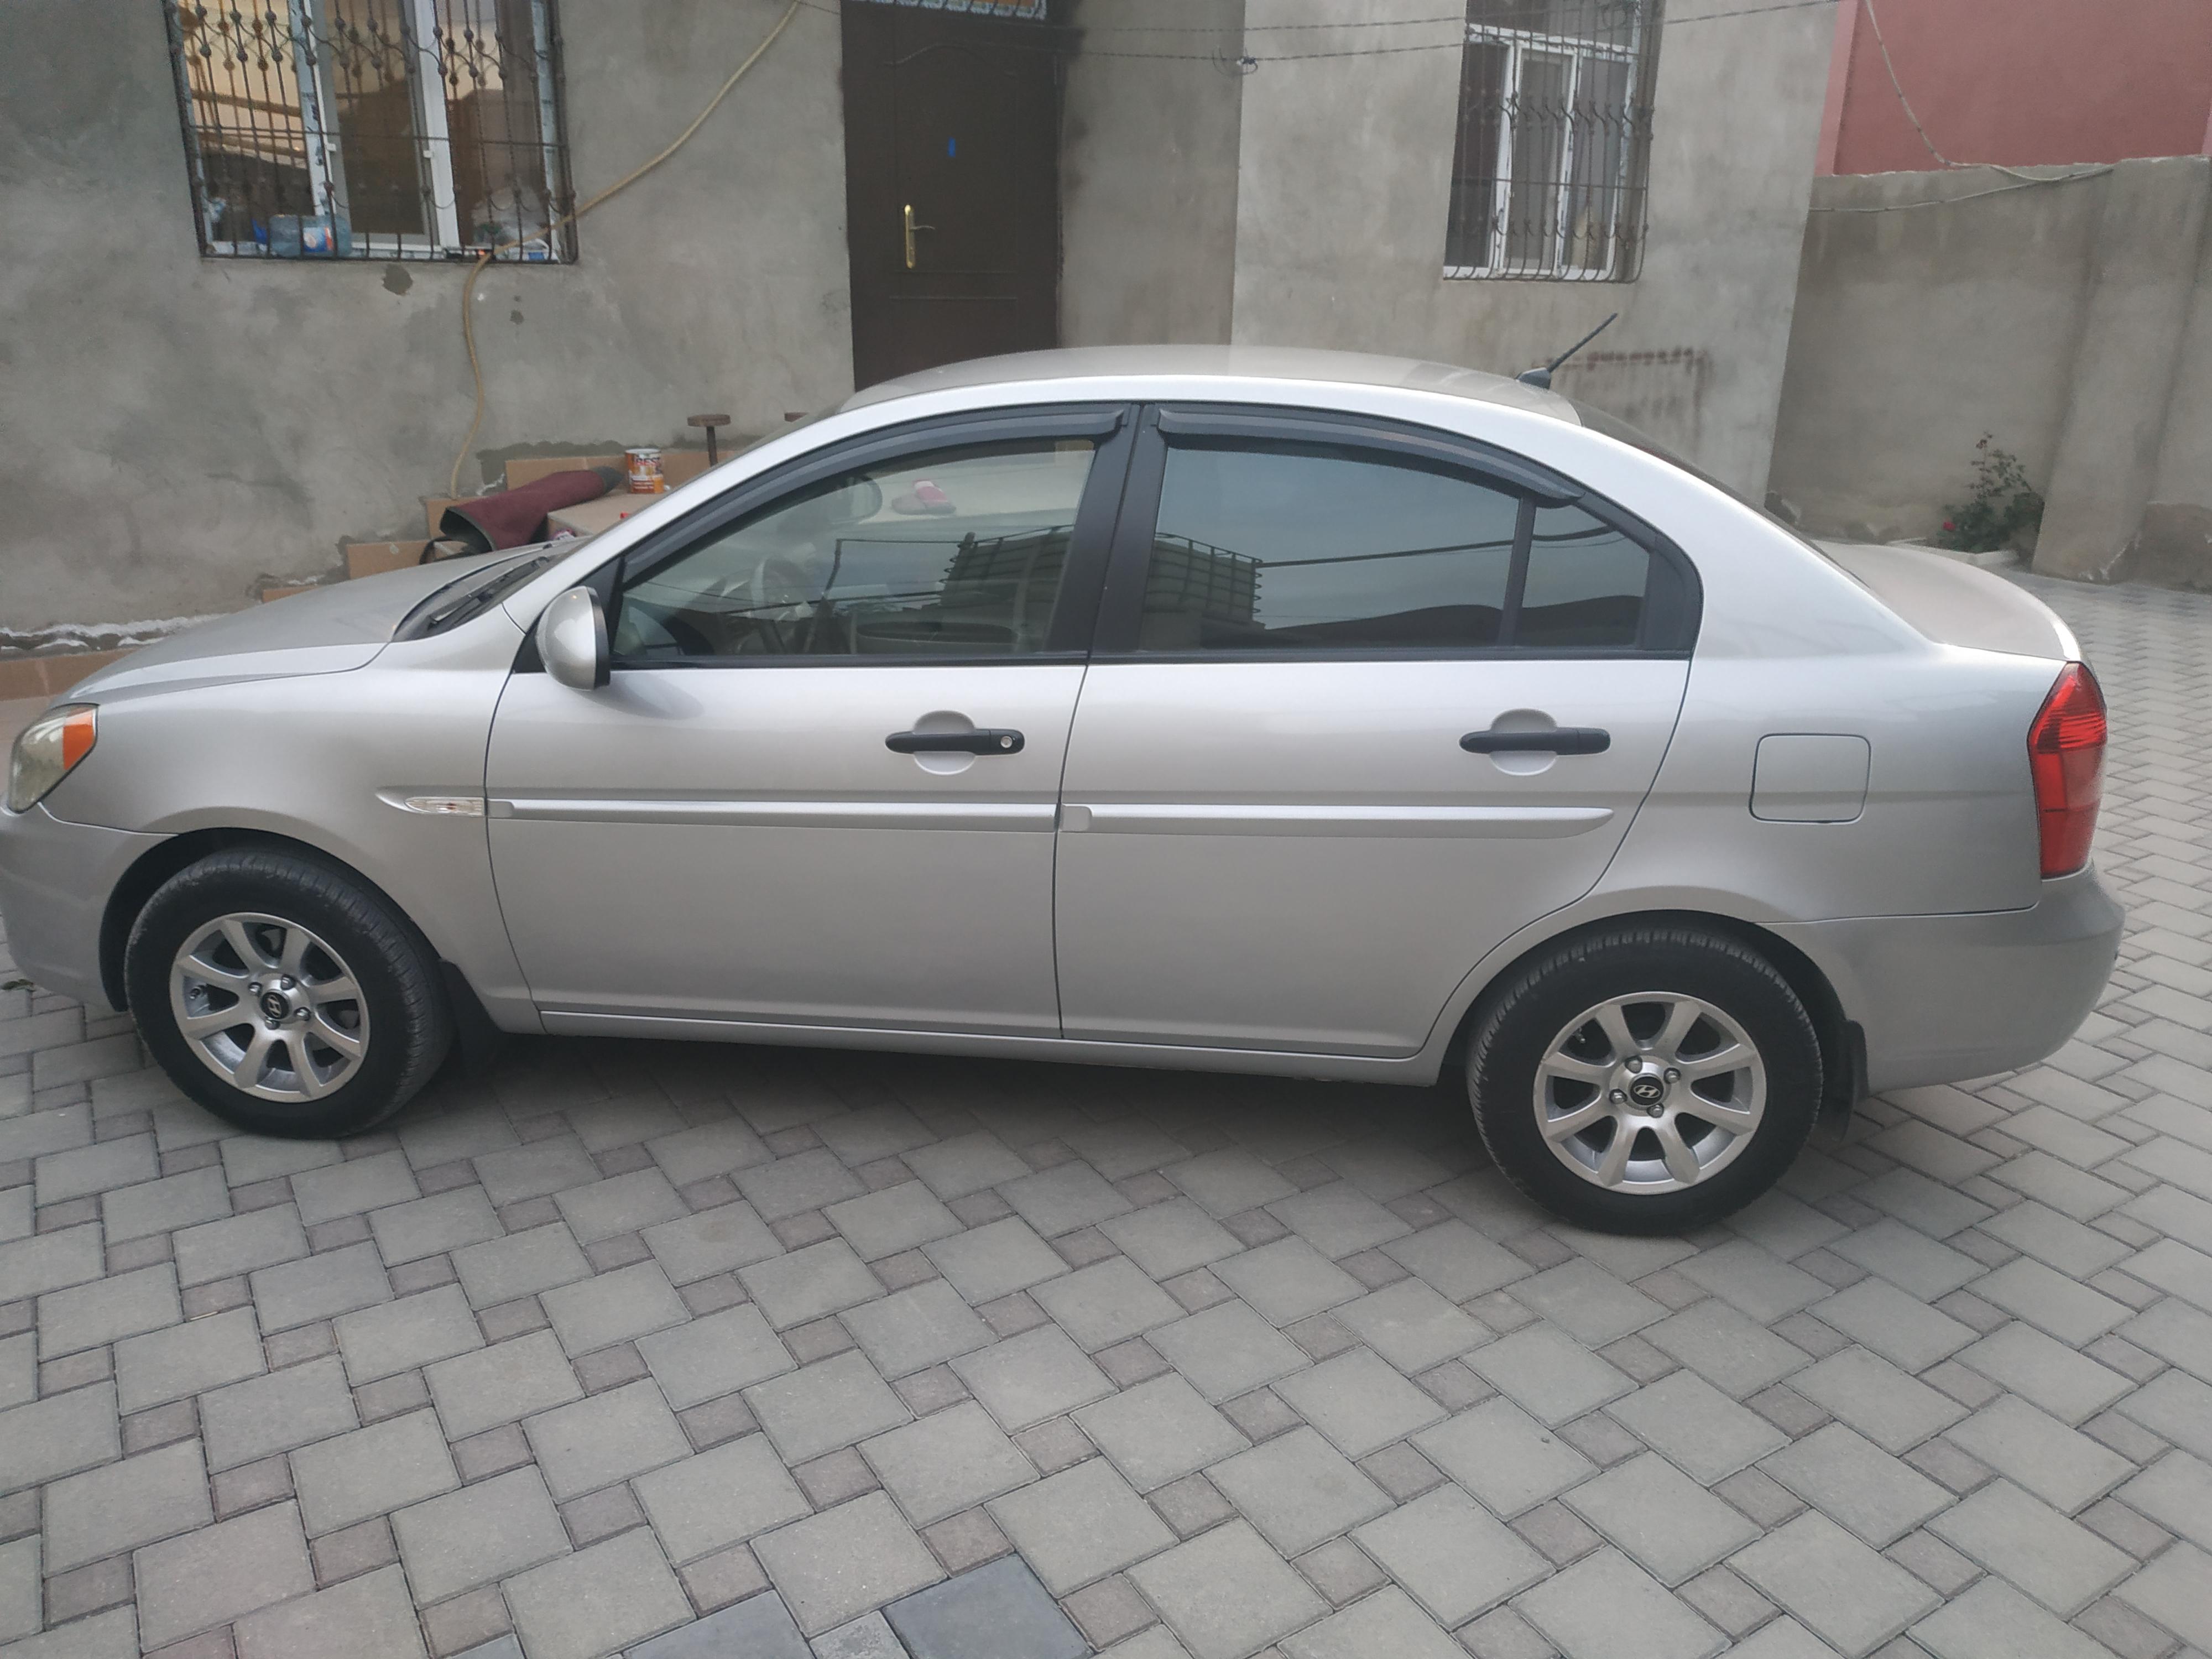 Hyundai Accent 1.4(lt) 2008 Подержанный  $12500